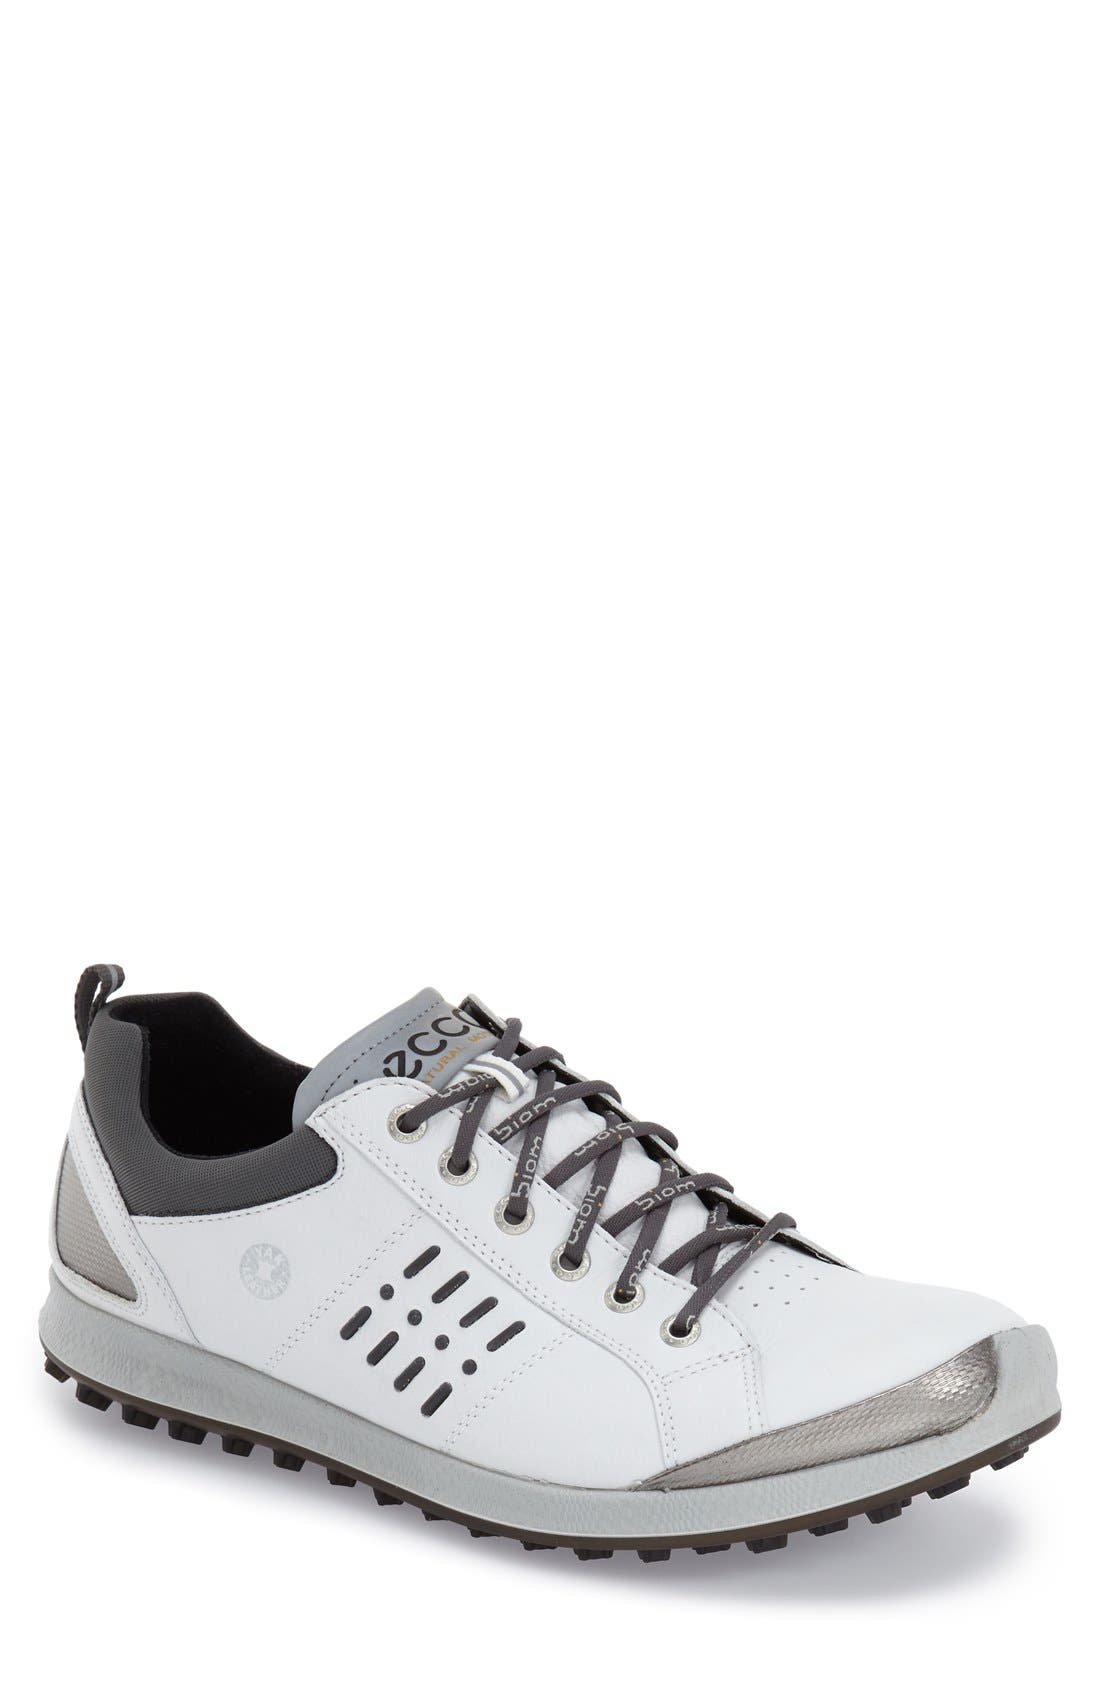 ECCO 'Biom Hybrid 2 GTX' Golf Shoe